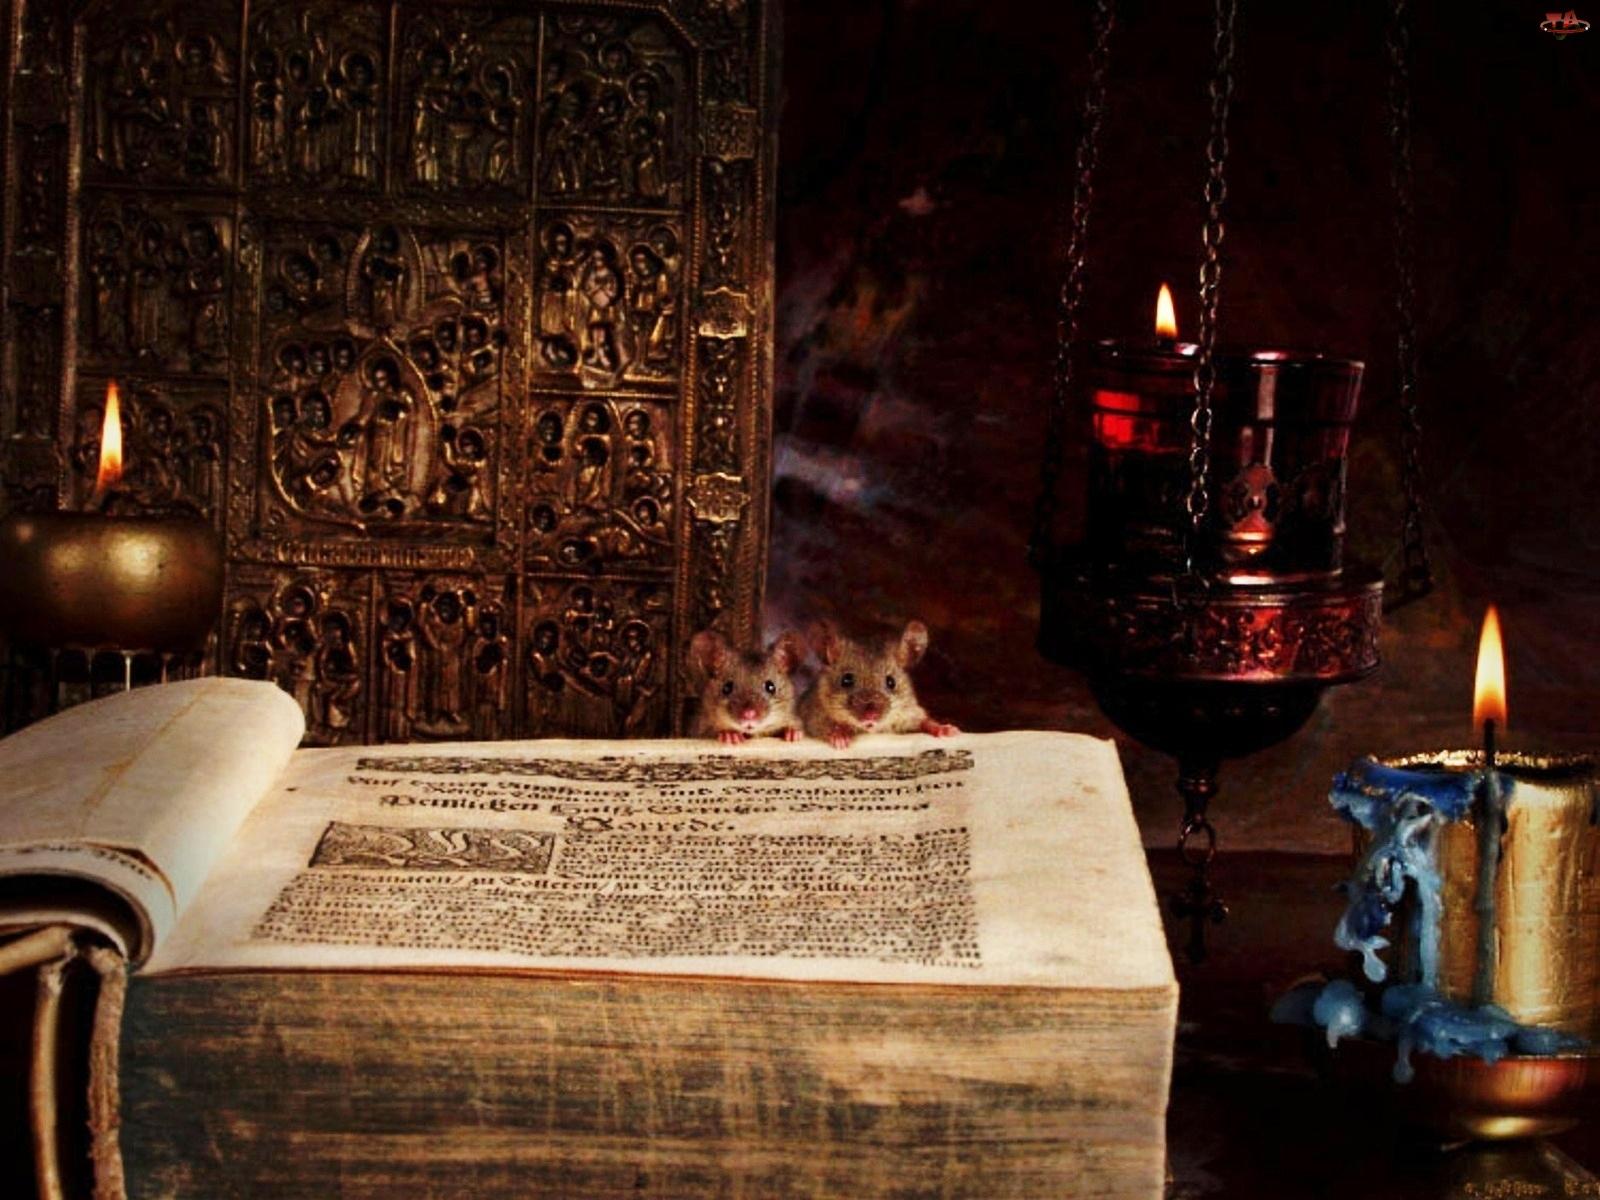 Myszki, Świece, Stara, Księga